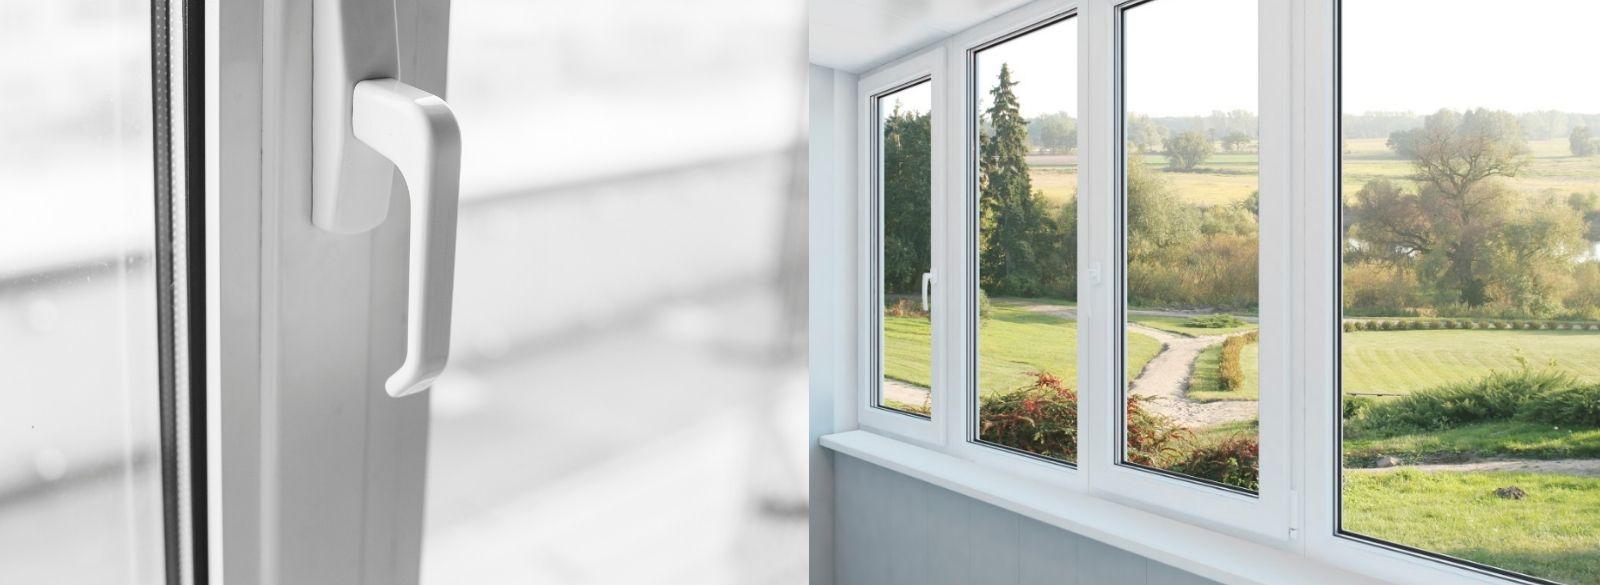 Instalación de ventanas de aluminio y PVC: Servicios de JOCA